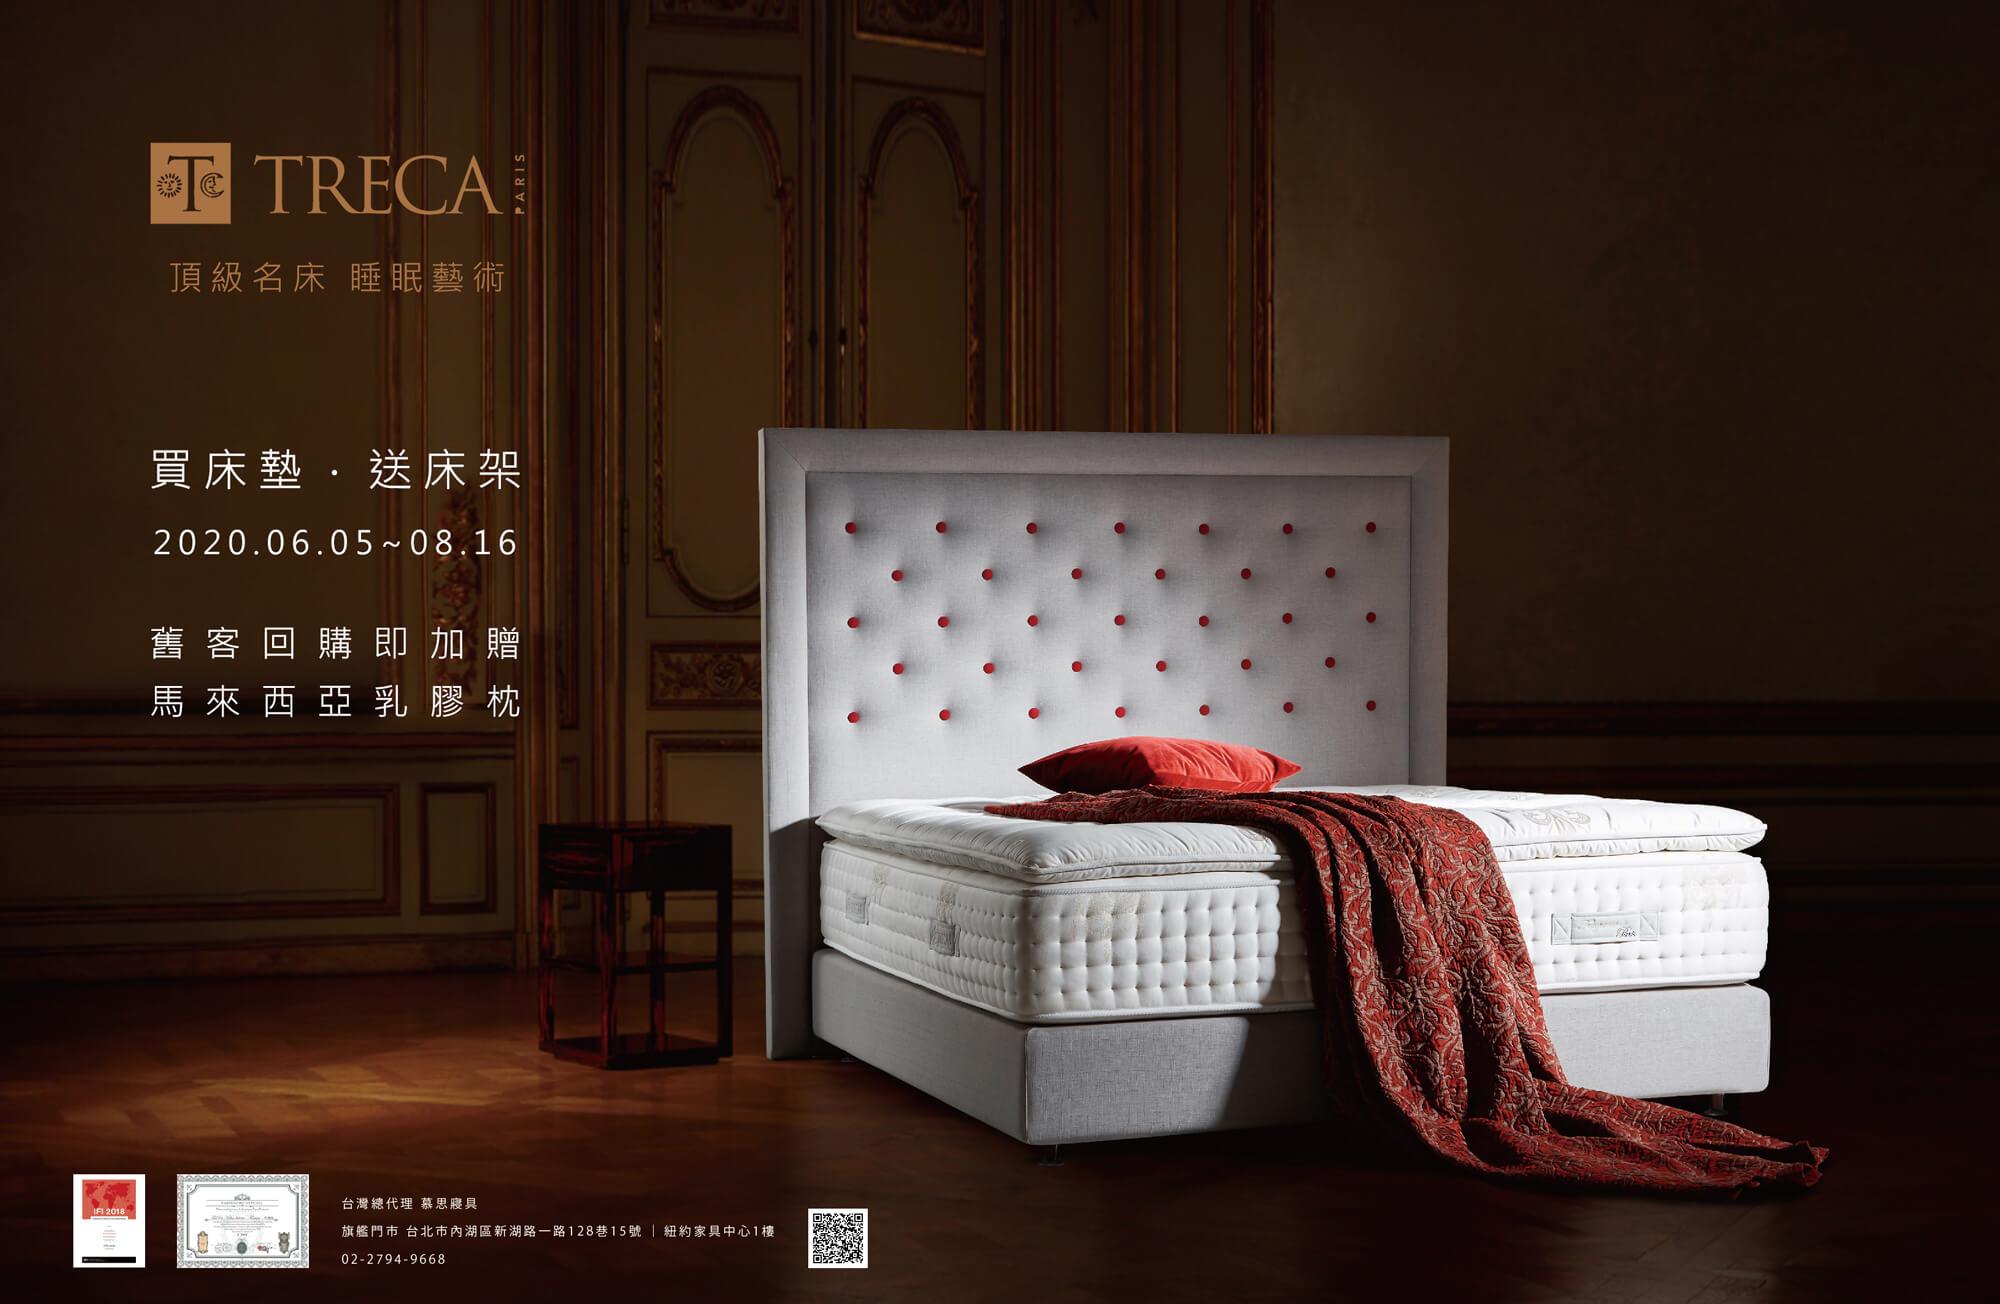 TRECA PARIS 頂級床墊 活動